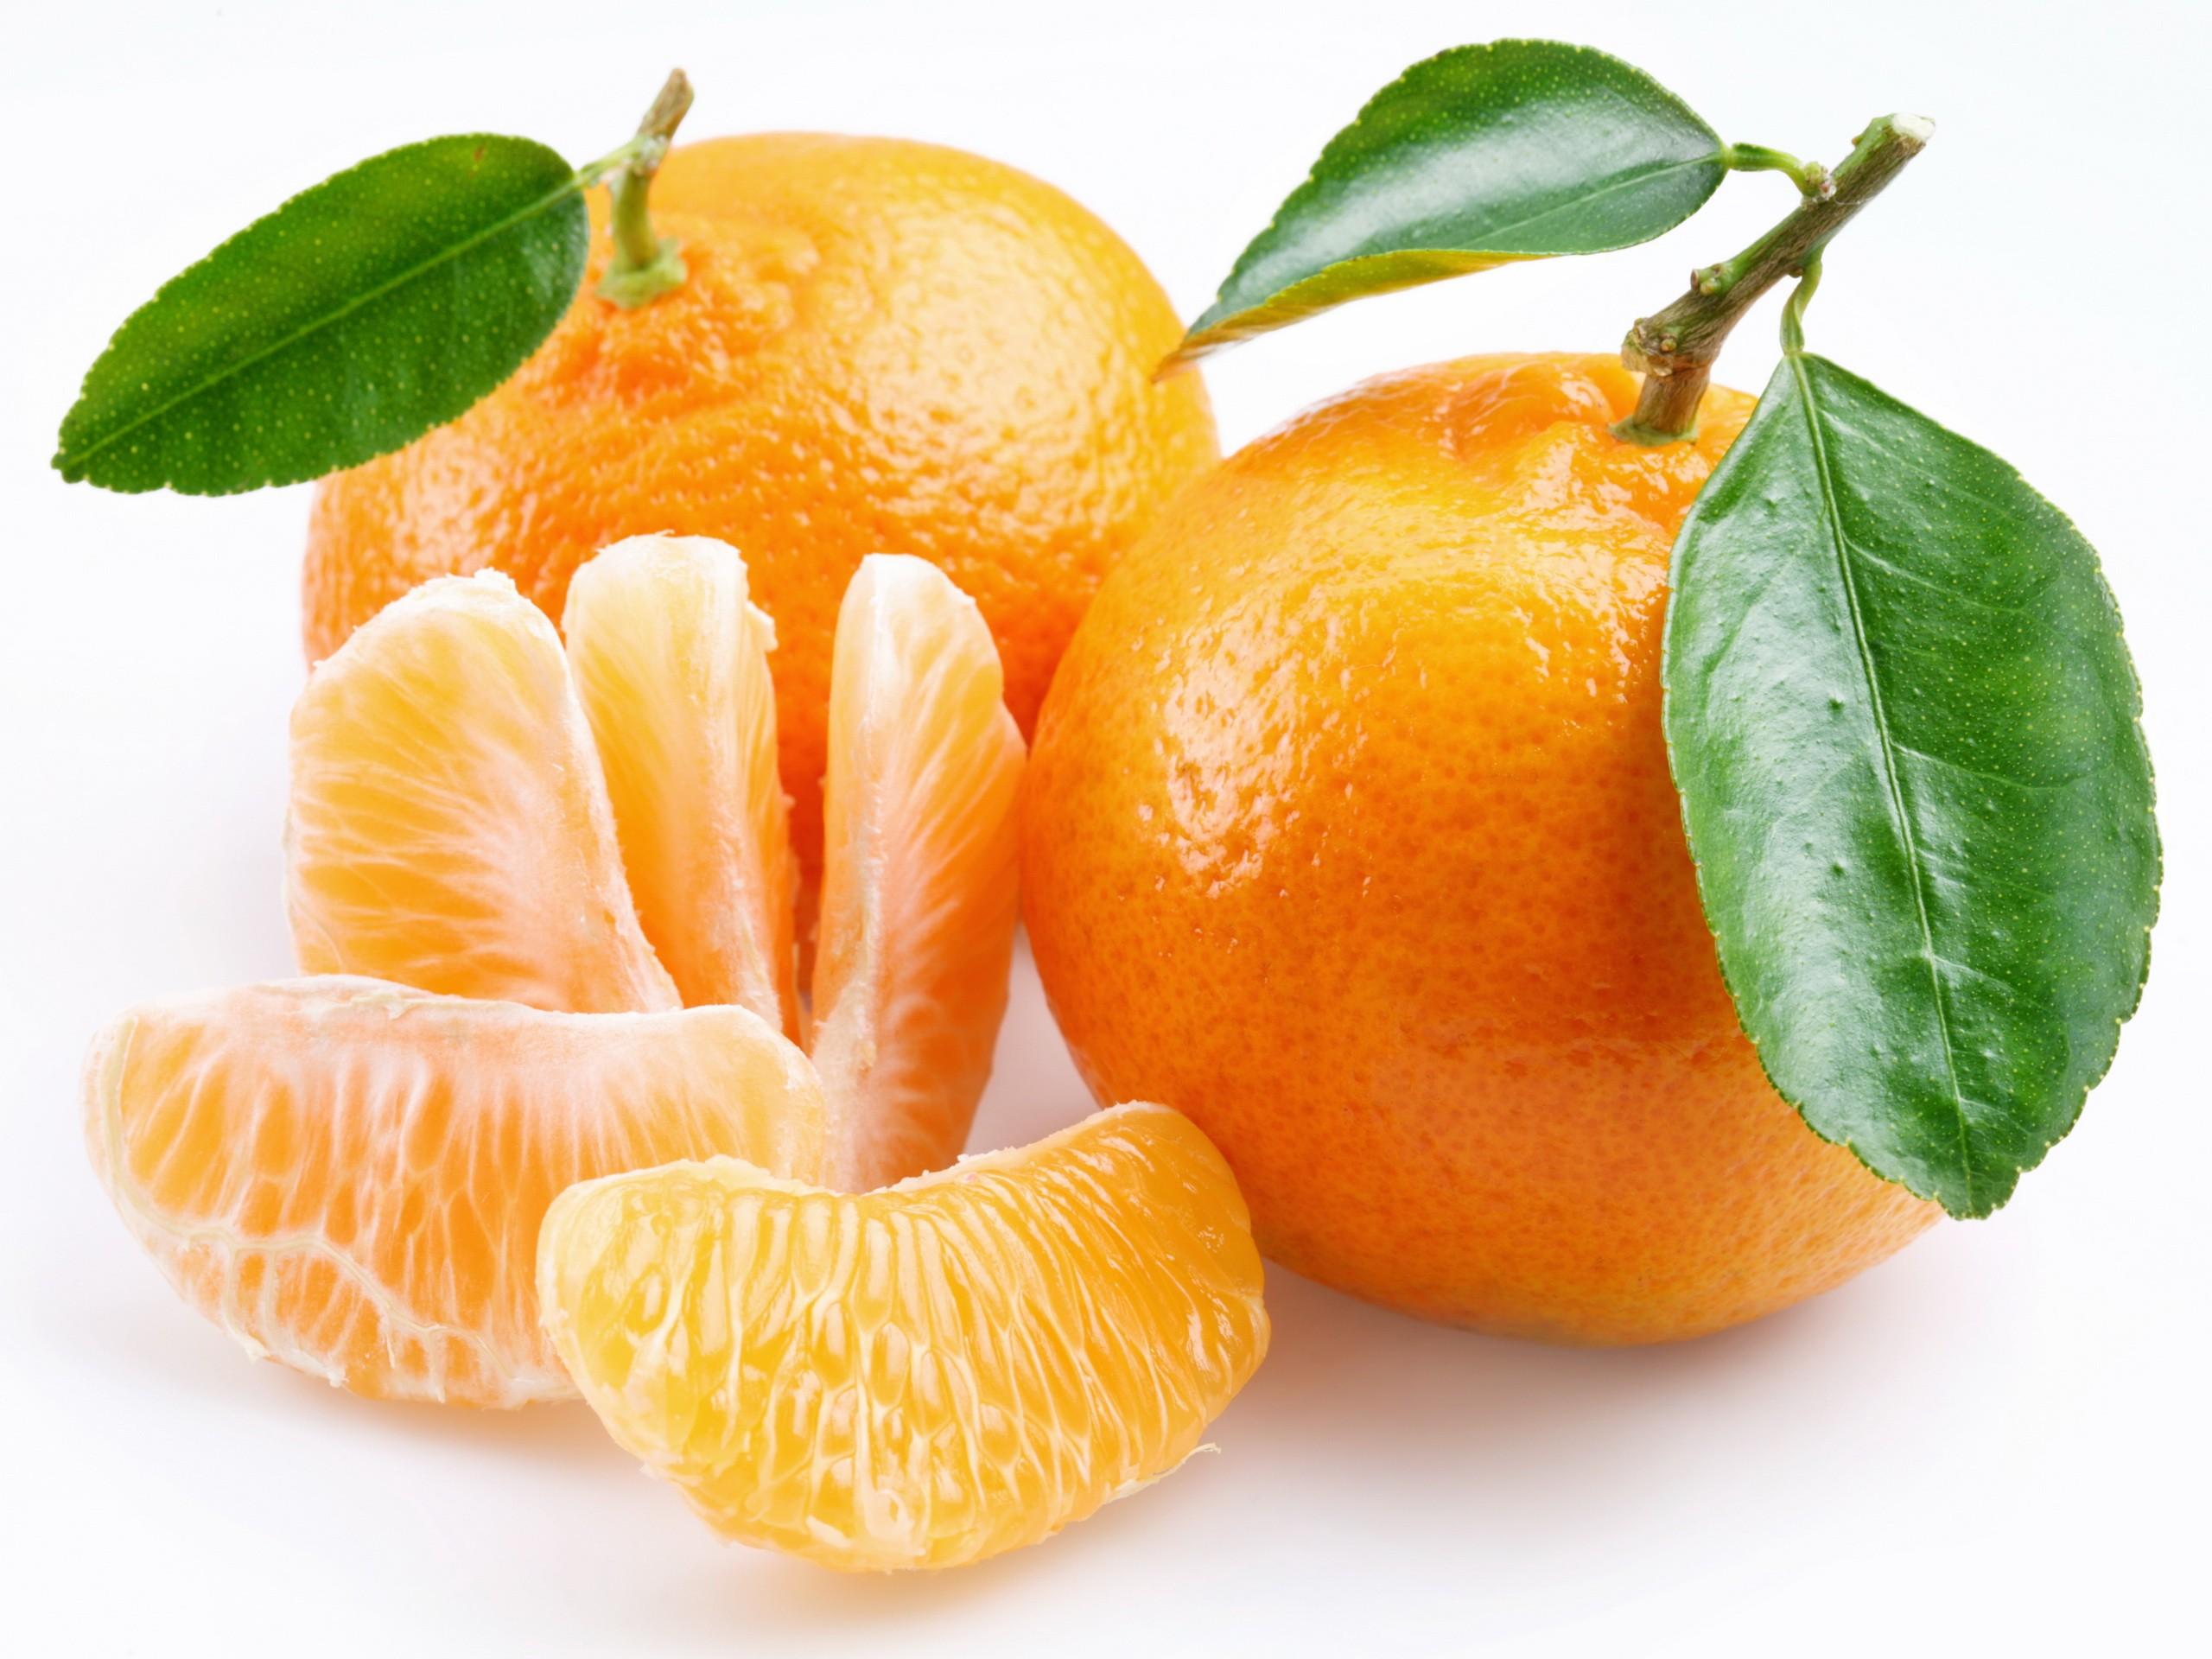 みかんは低カロリーだが太る?みかんの太らない食べ方、ダイエット法のサムネイル画像